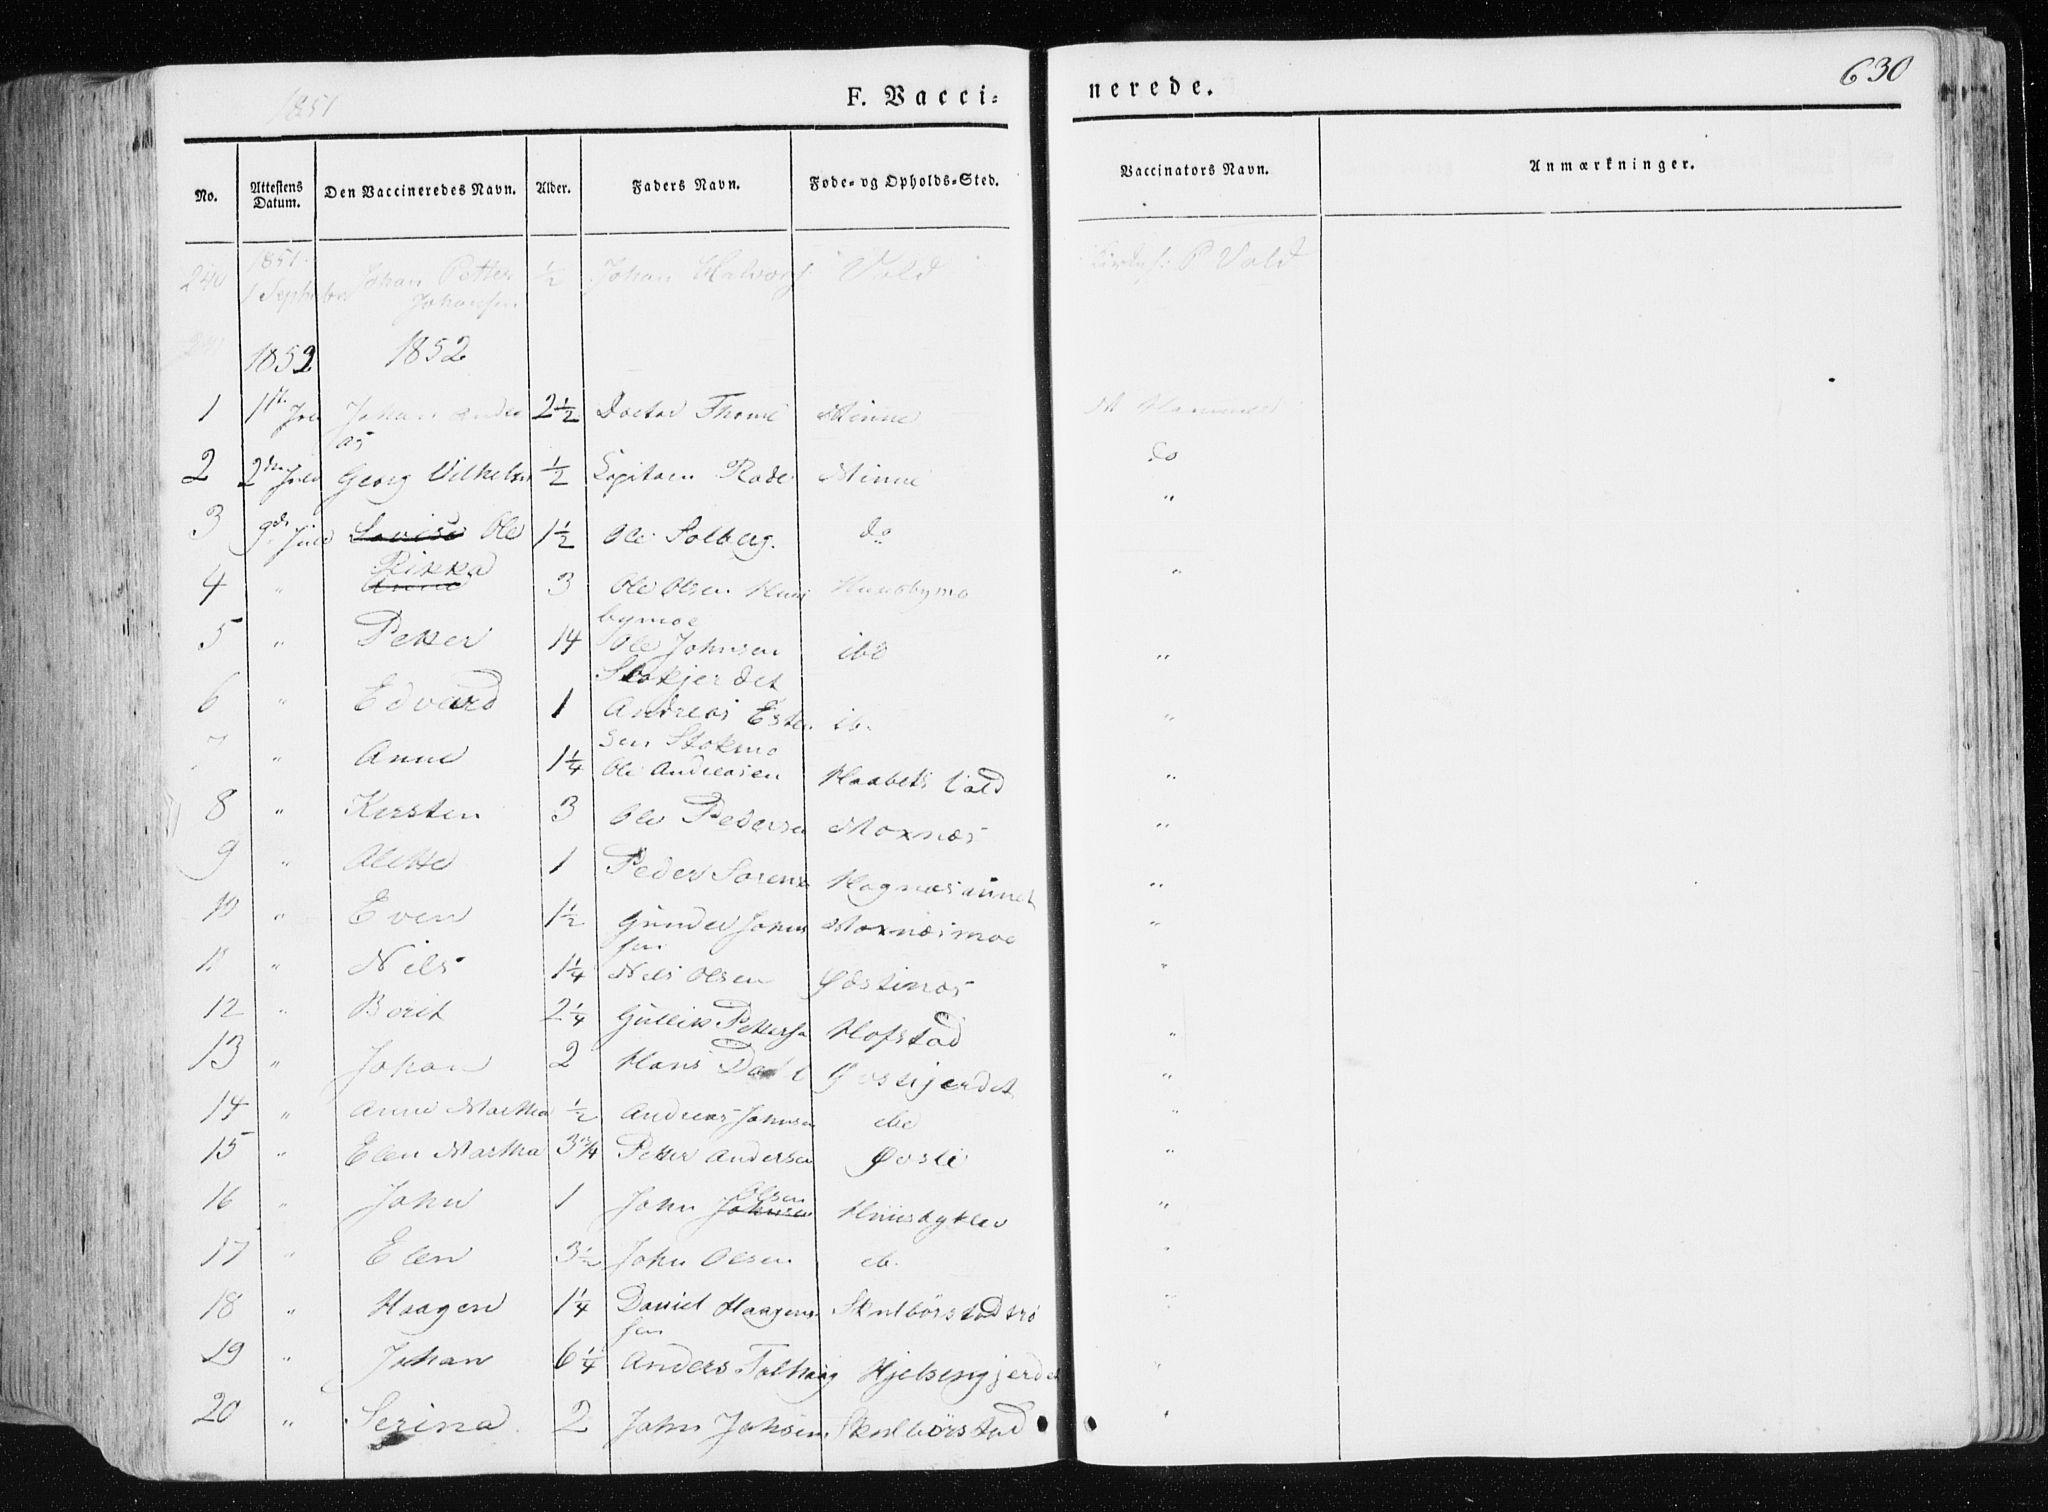 SAT, Ministerialprotokoller, klokkerbøker og fødselsregistre - Nord-Trøndelag, 709/L0074: Ministerialbok nr. 709A14, 1845-1858, s. 630